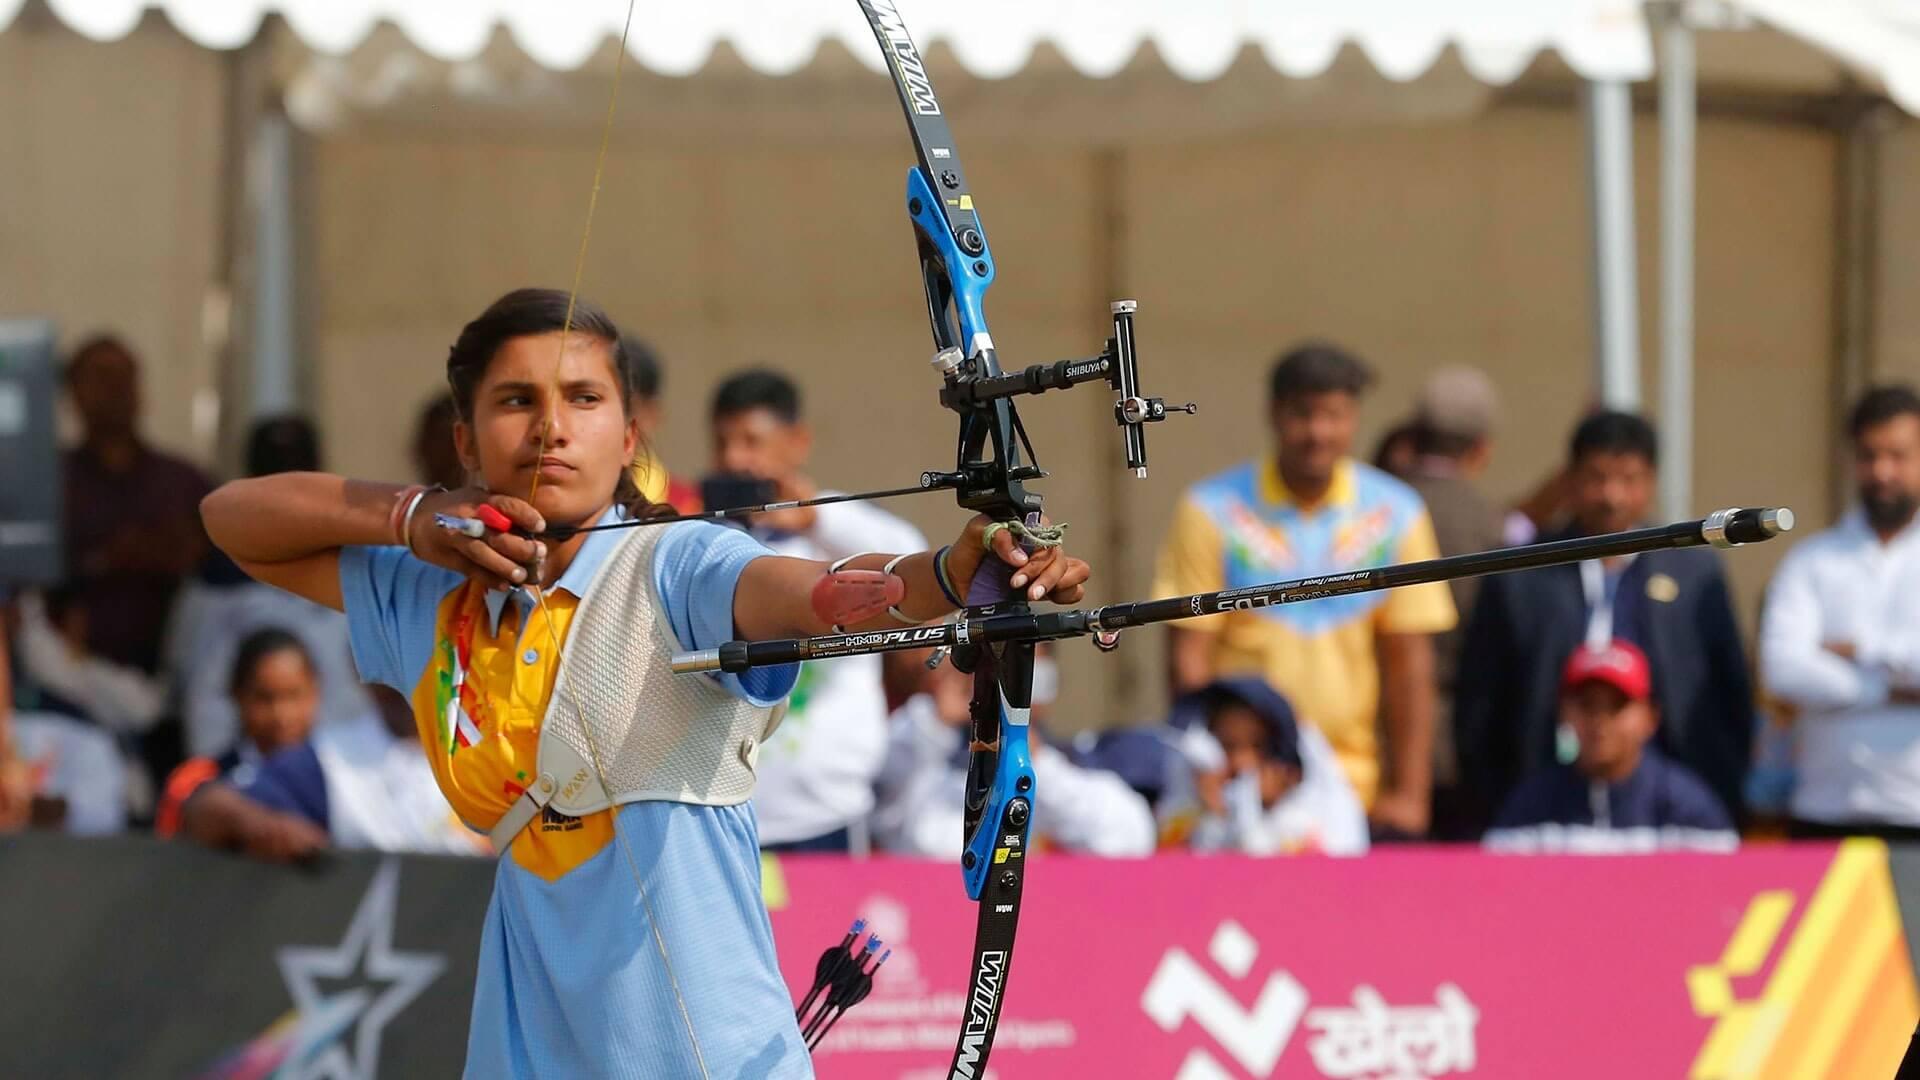 archery gold kreedon|Archery gold kreedon||archery gold kreedon